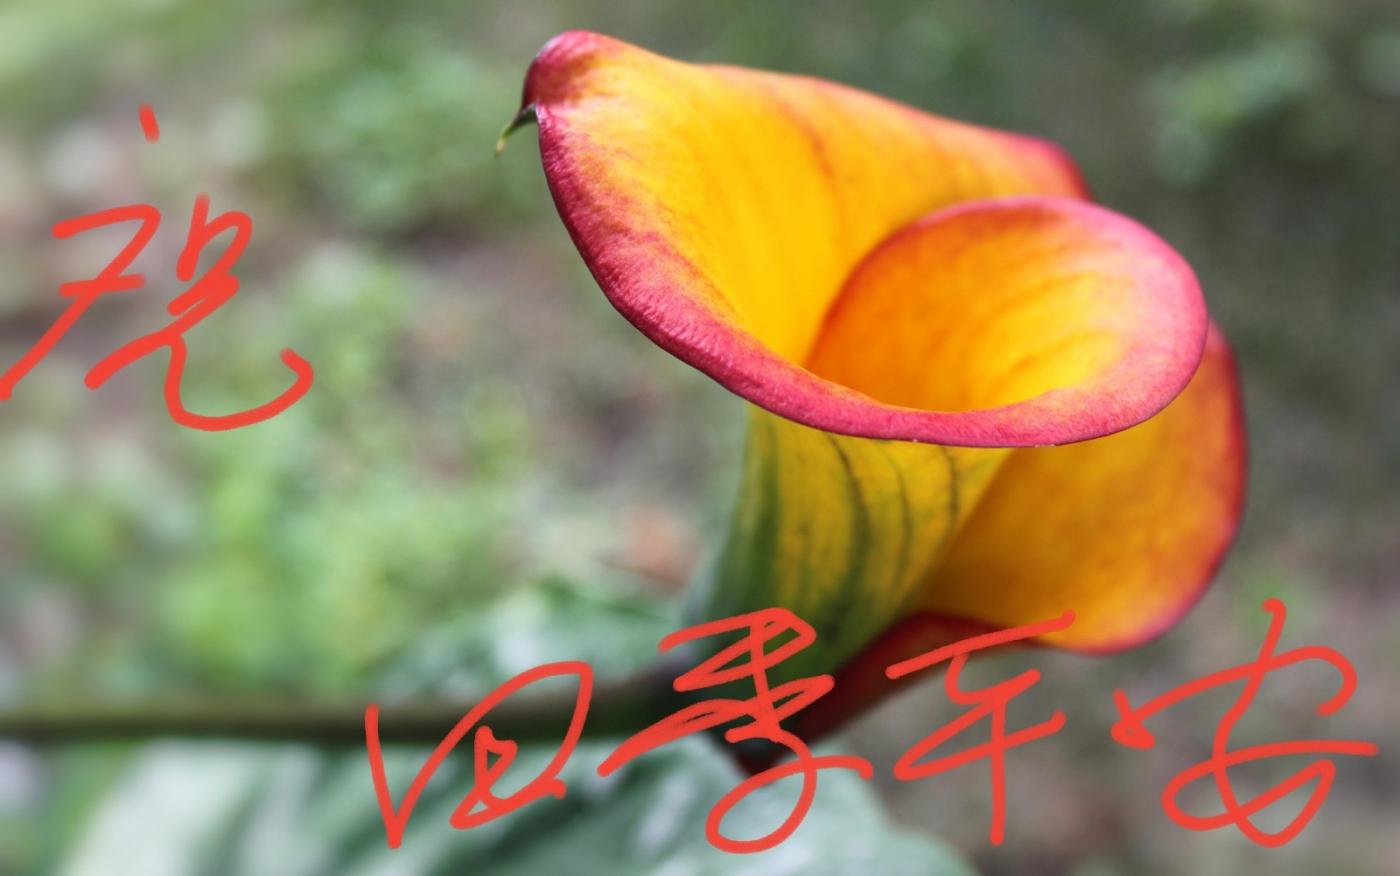 〔田螺攝影〕把祝福寫進花開里 新年好!_圖1-20